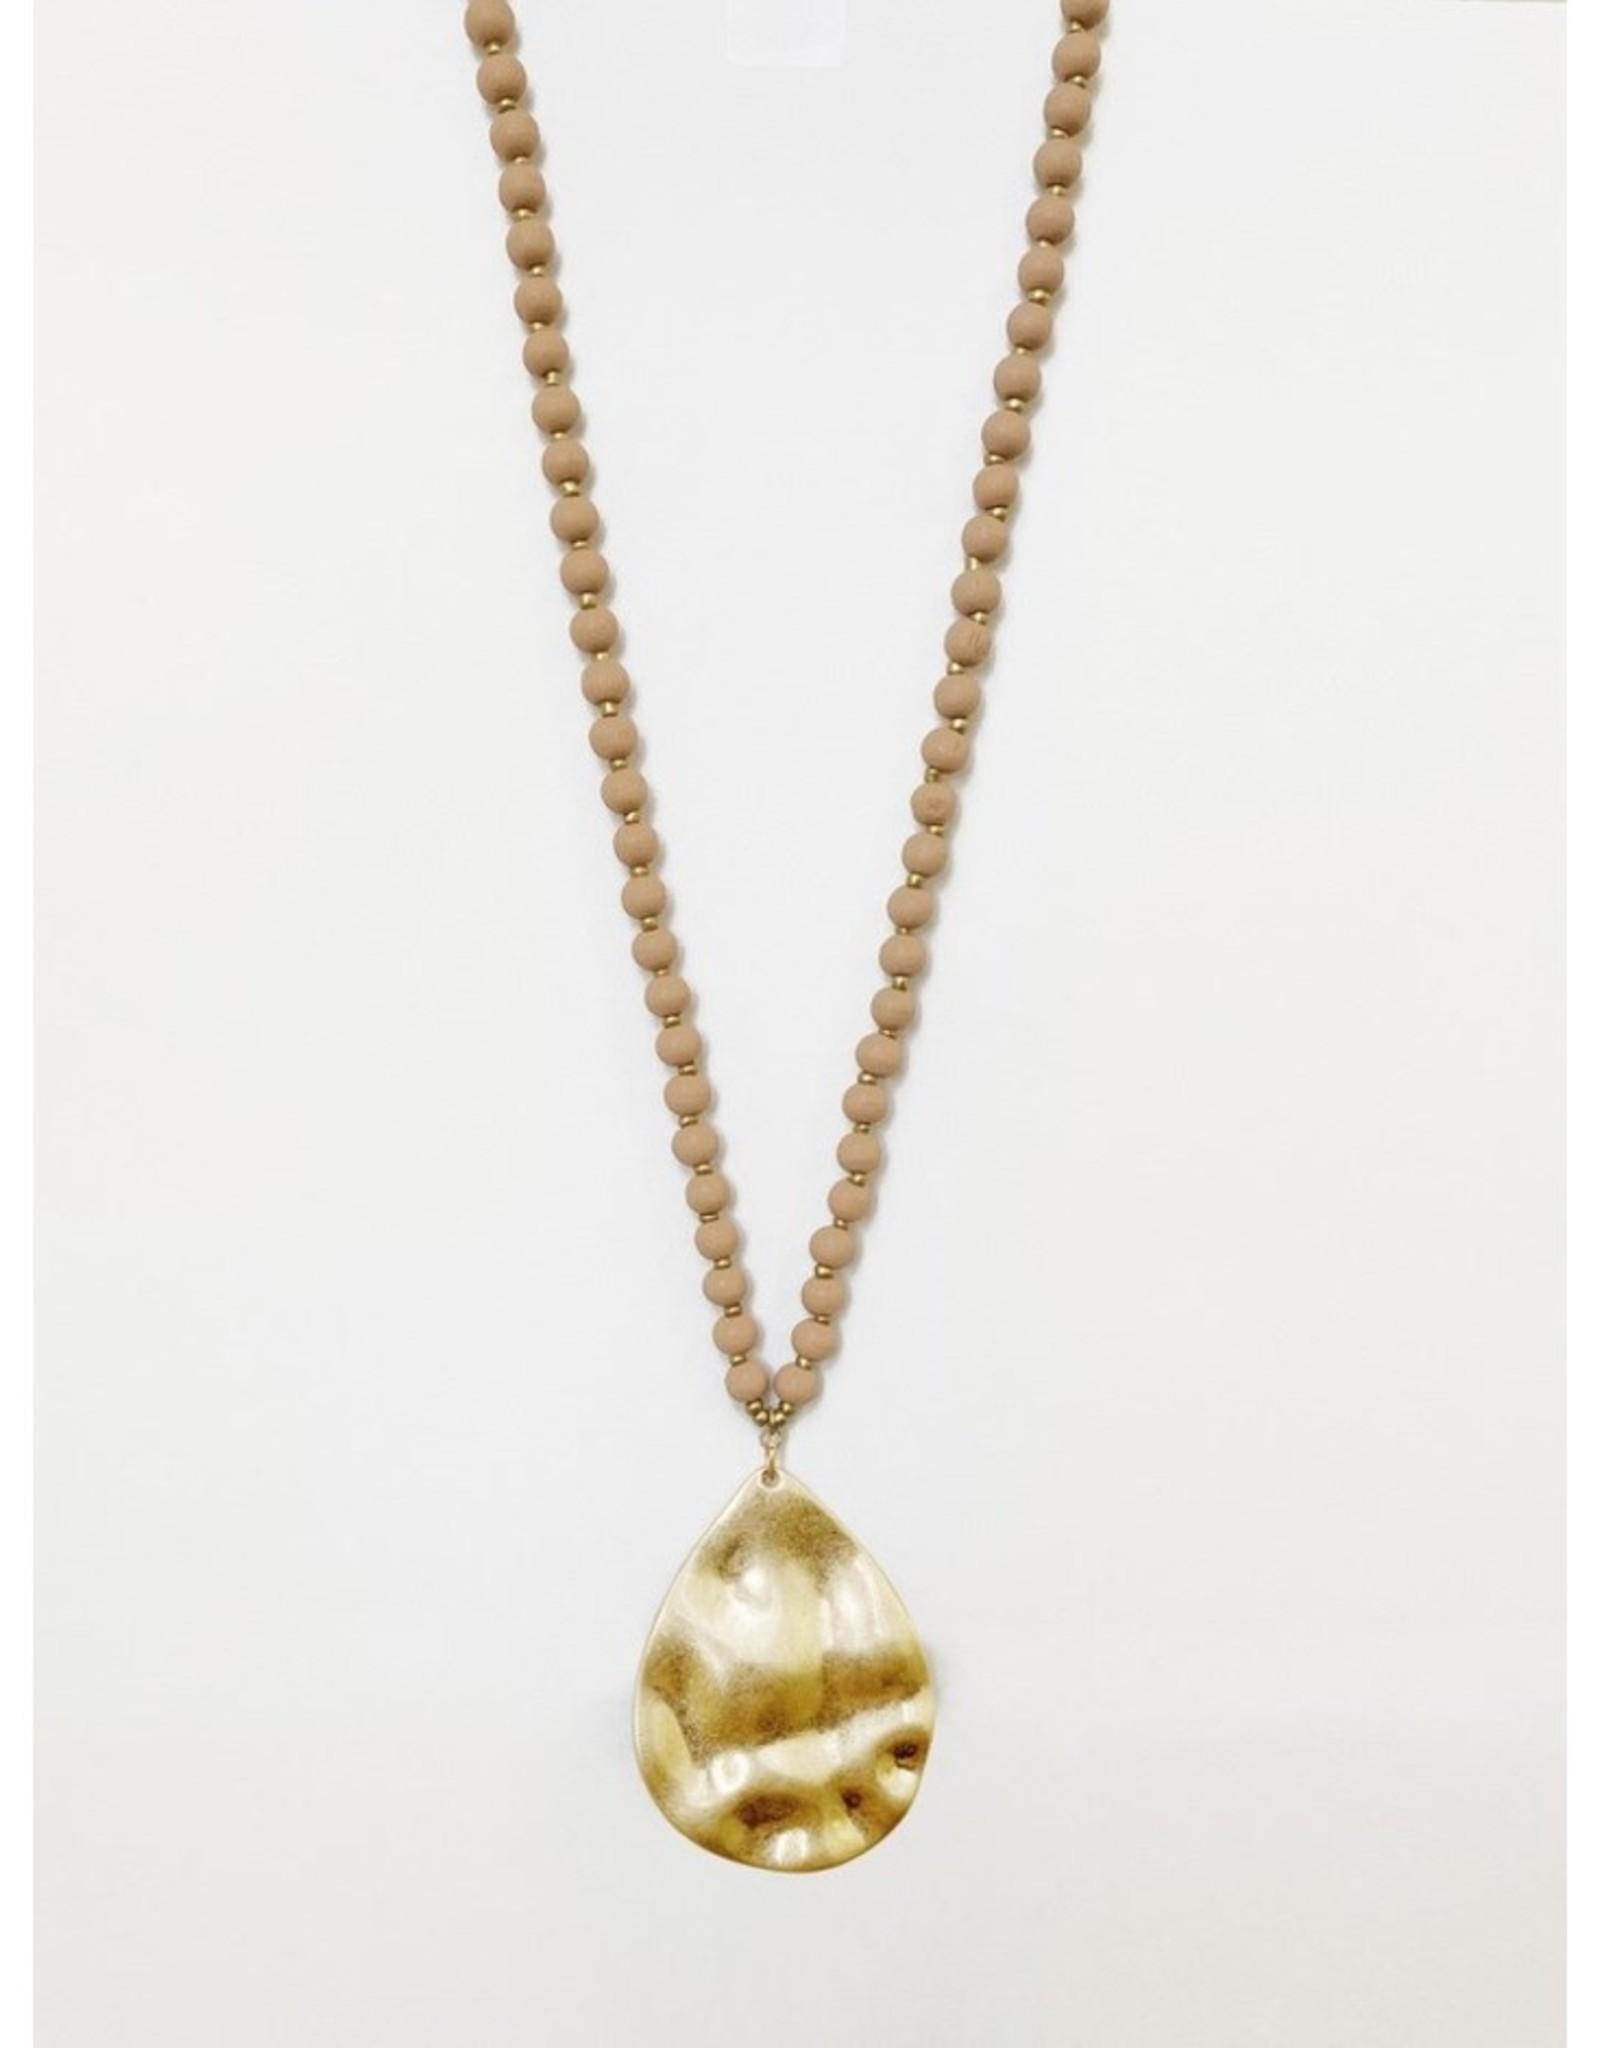 Collier long avec billes de bois et pendatif métallique au fini usé-rose/or